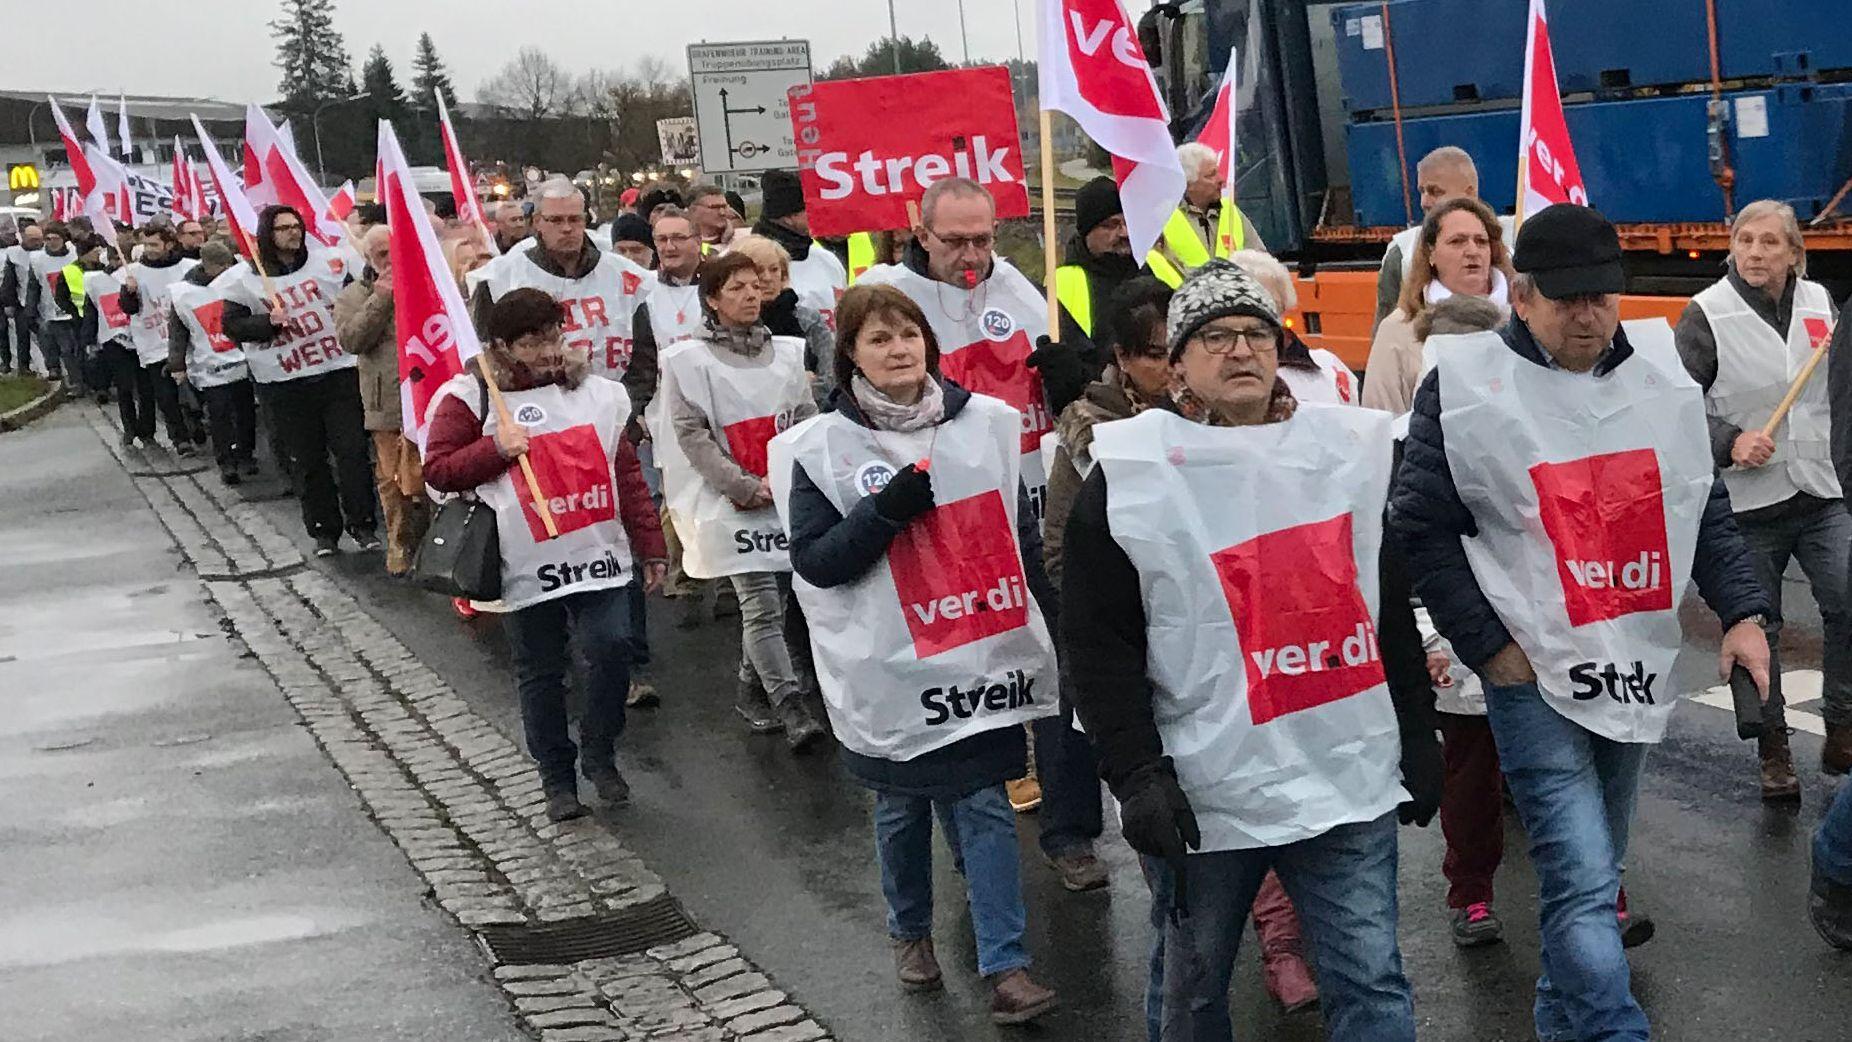 Zahlreiche deutsche Zivilbeschäftigte der US-Armee folgten dem Aufruf der Gewerkschaft Verdi zu einem Warnstreik.